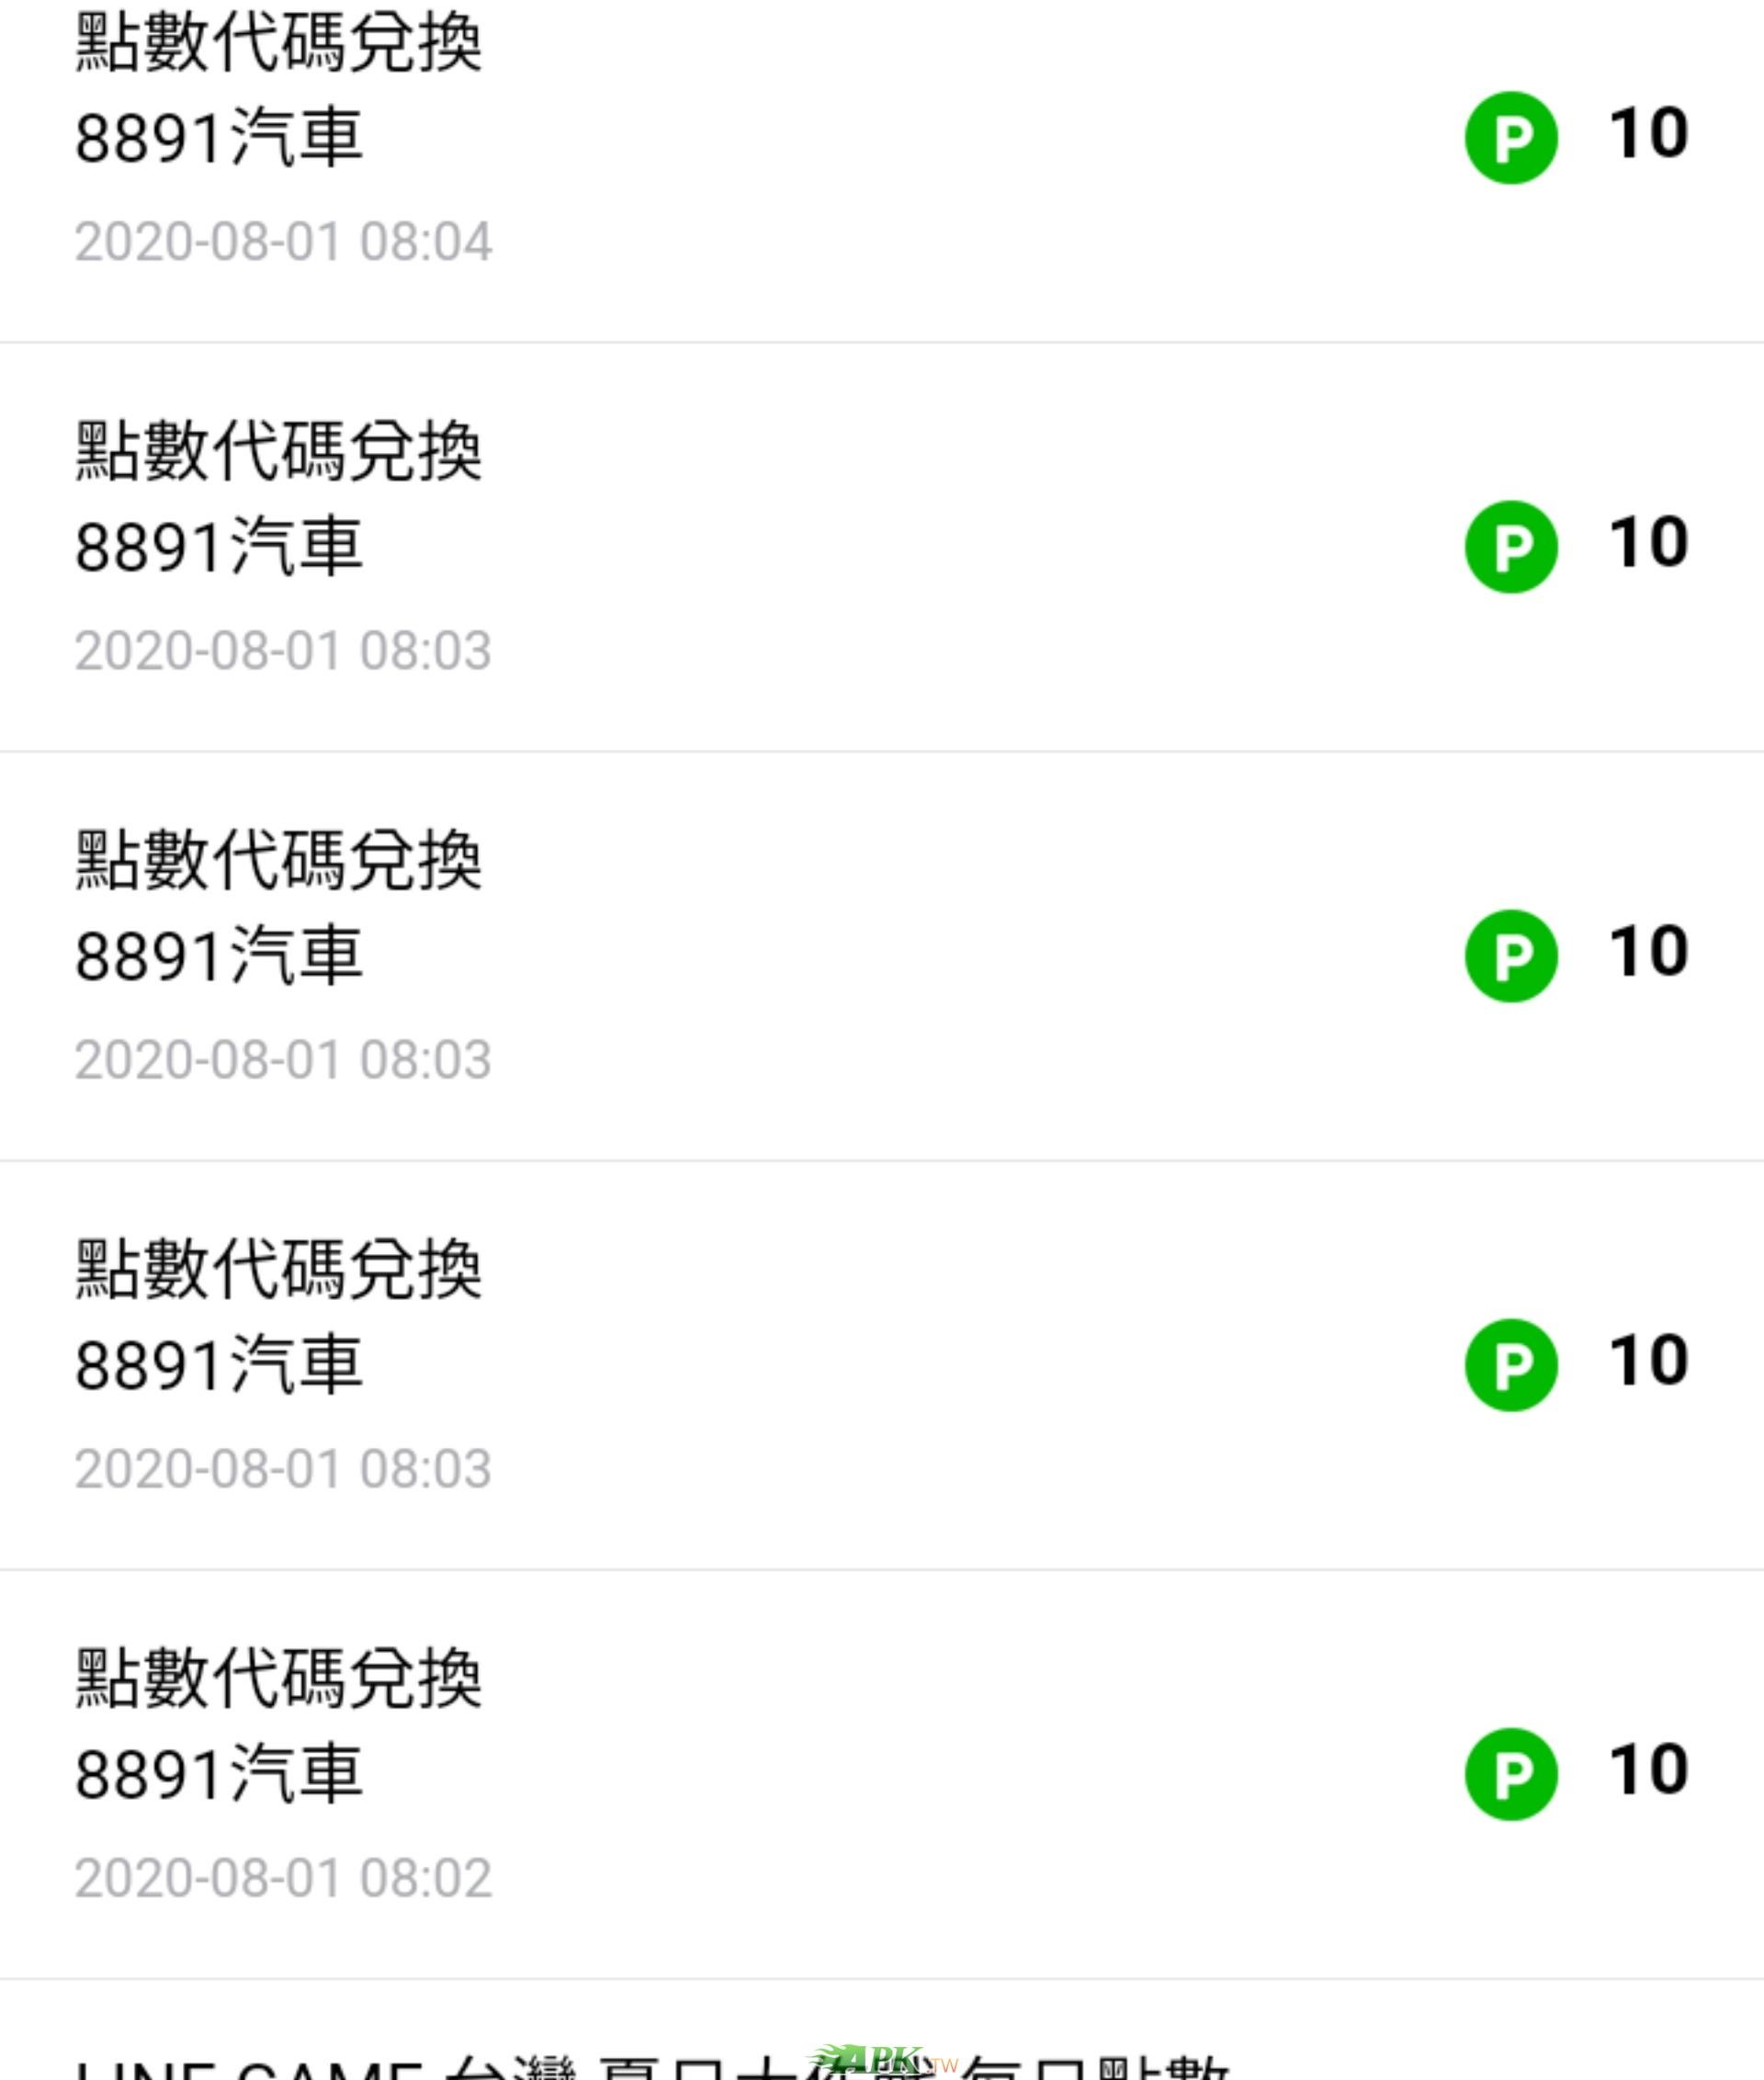 Screenshot_20200801_085500.jpg